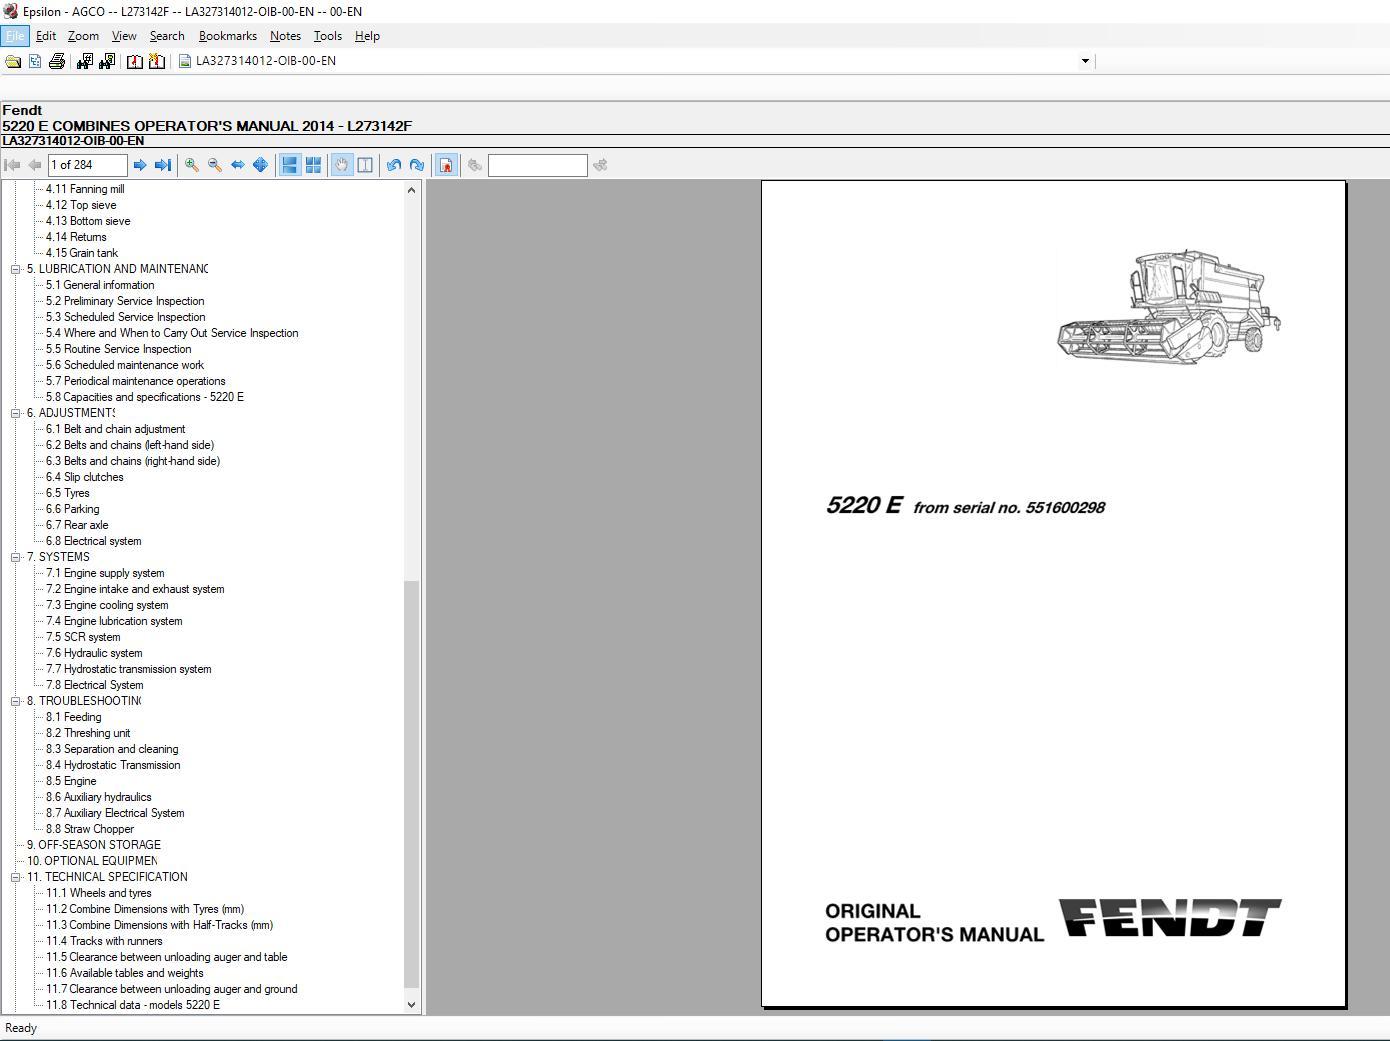 Fendt_AU_AG_052019_Part_Book_Workshop_Service_Manuals5